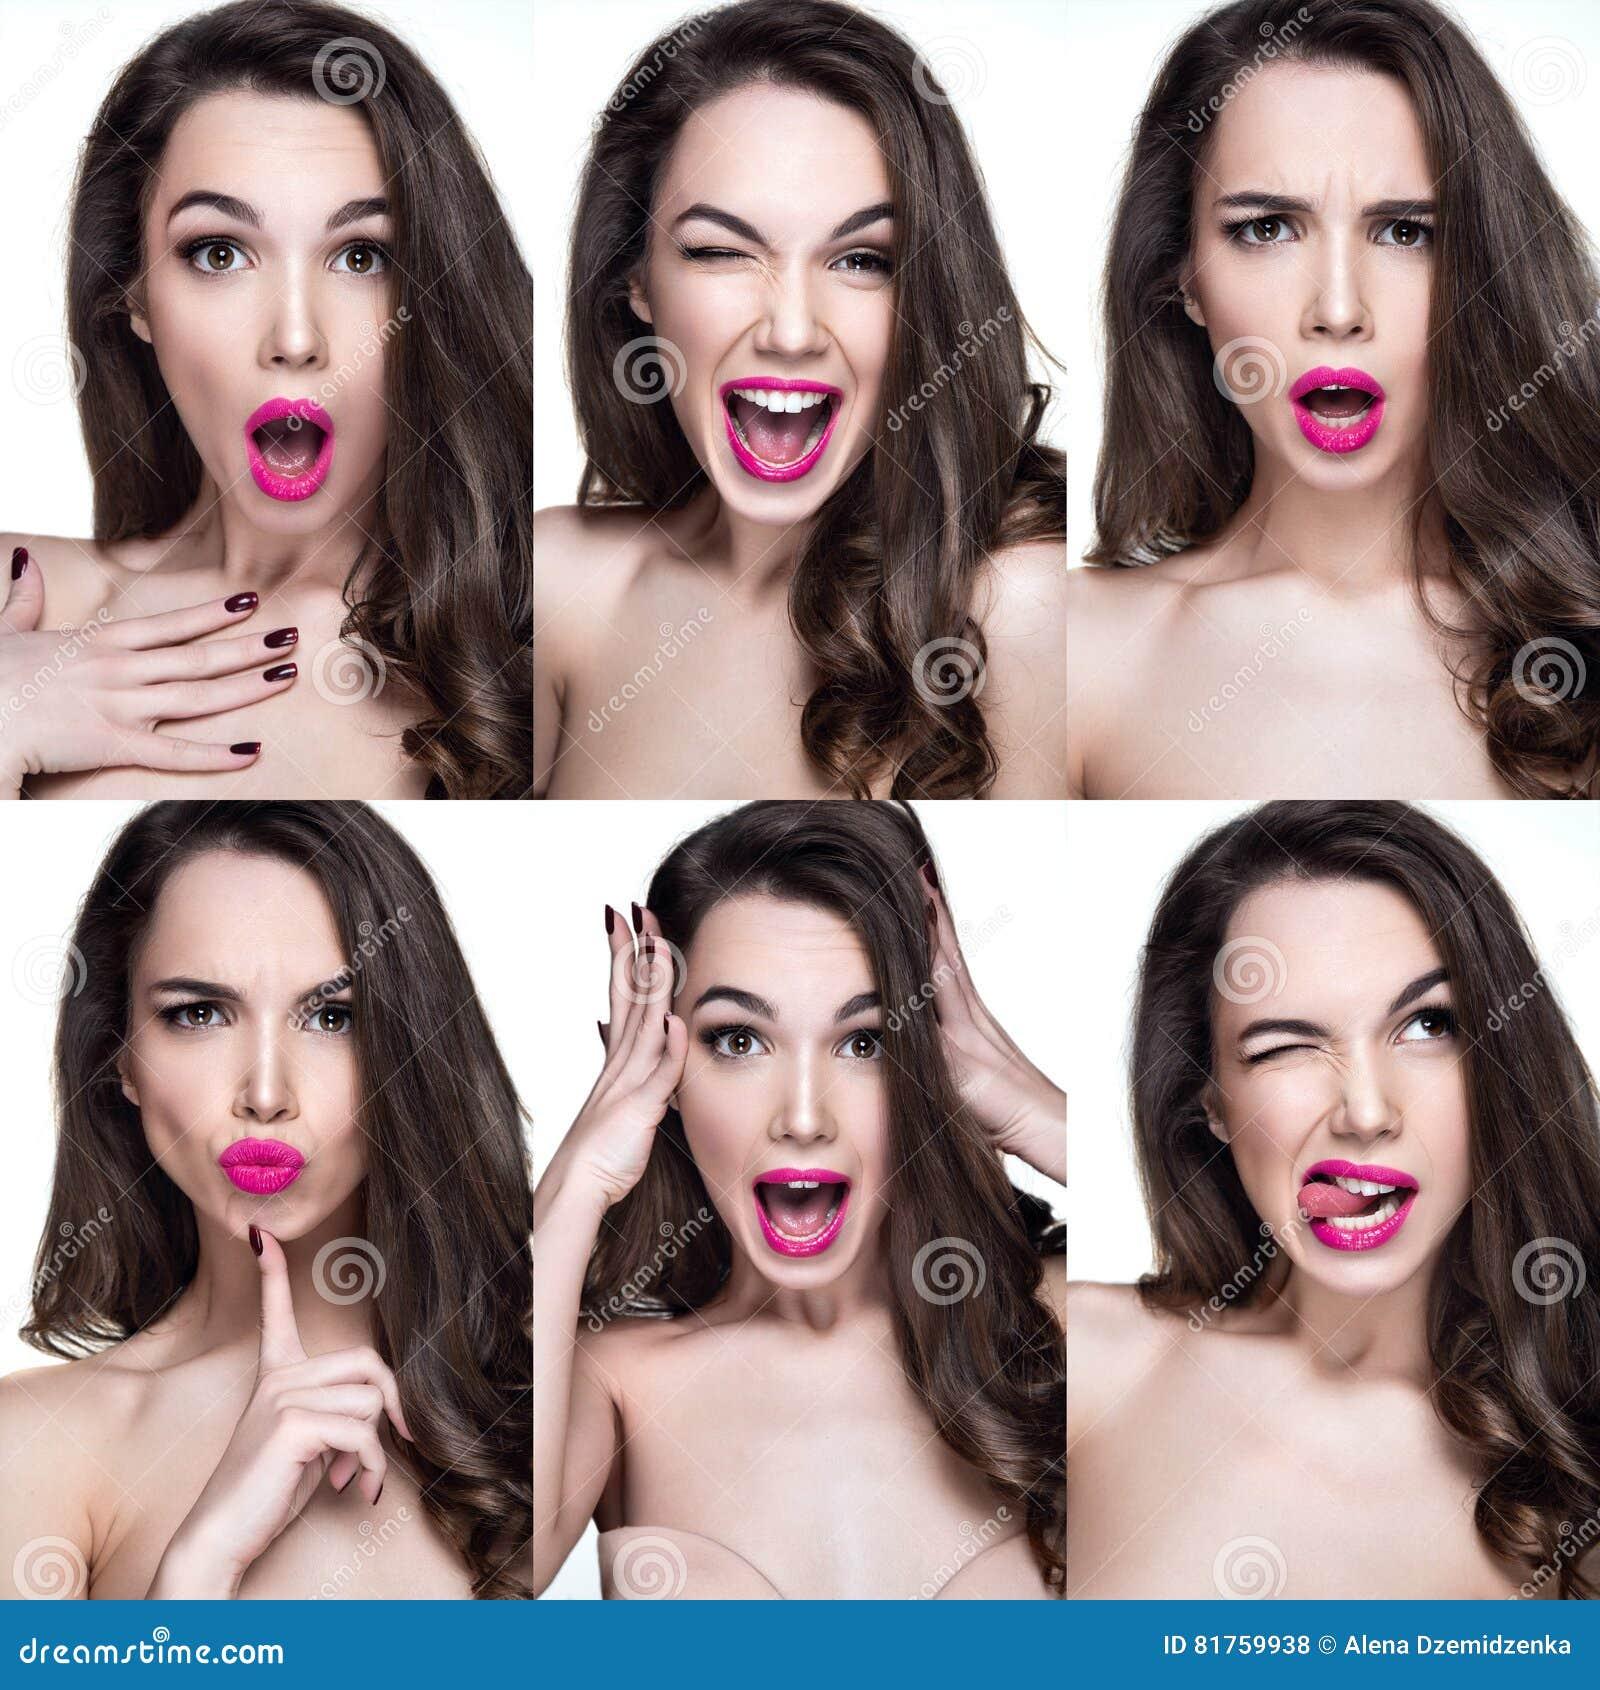 Mooie vrouwenportretten met verschillende emoties op gezicht